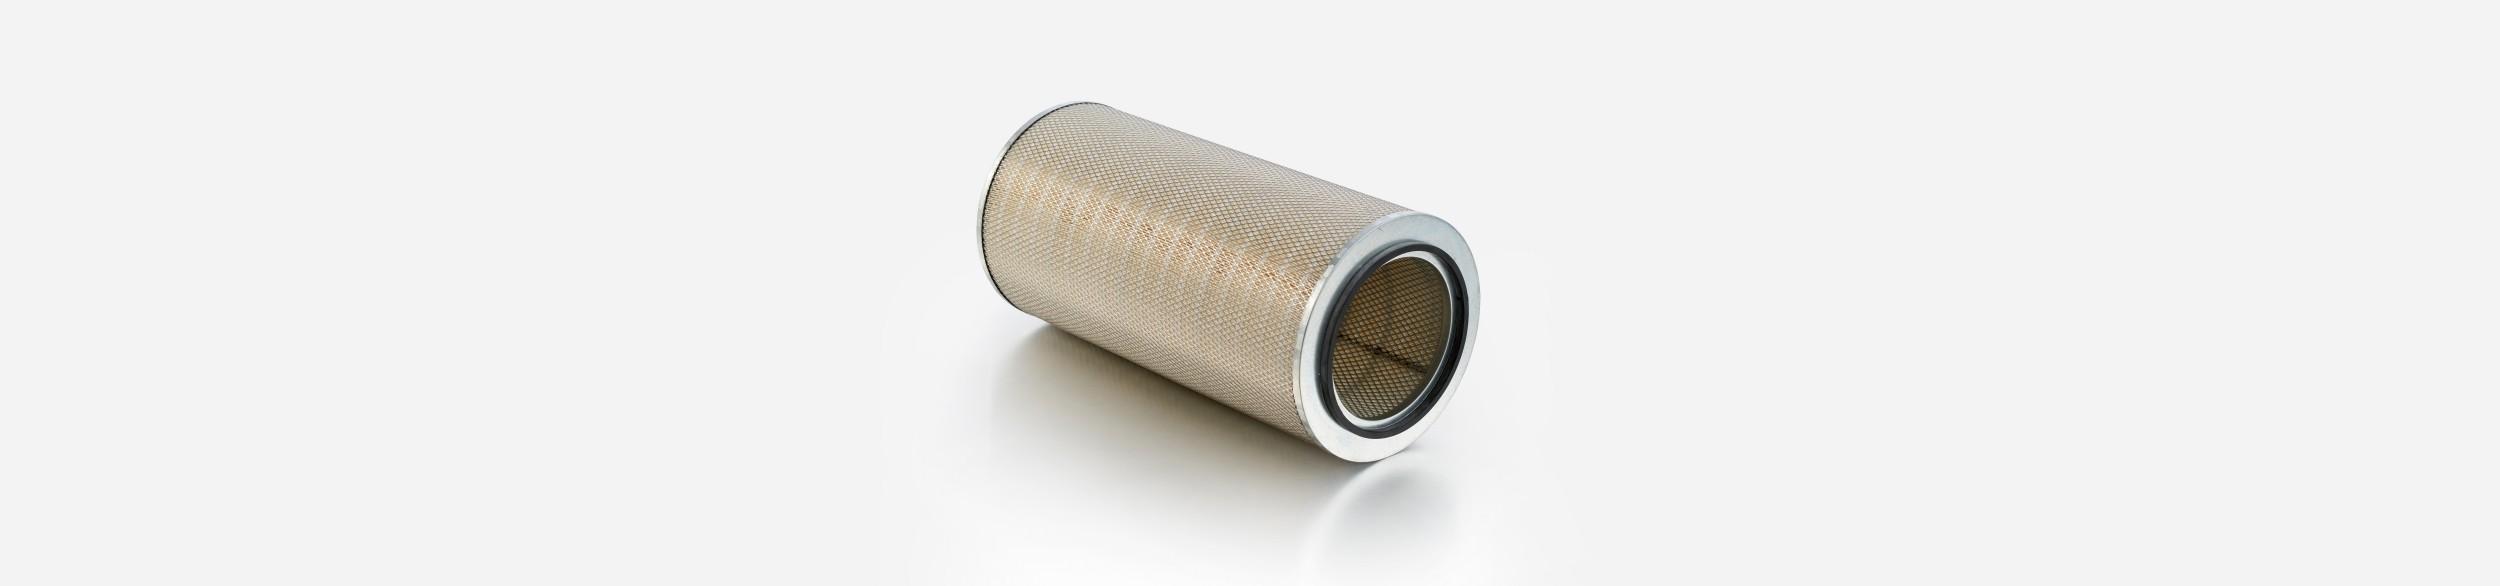 Donaldson Standard Cartridge Filters - hero image | AIRPLUS Industrial